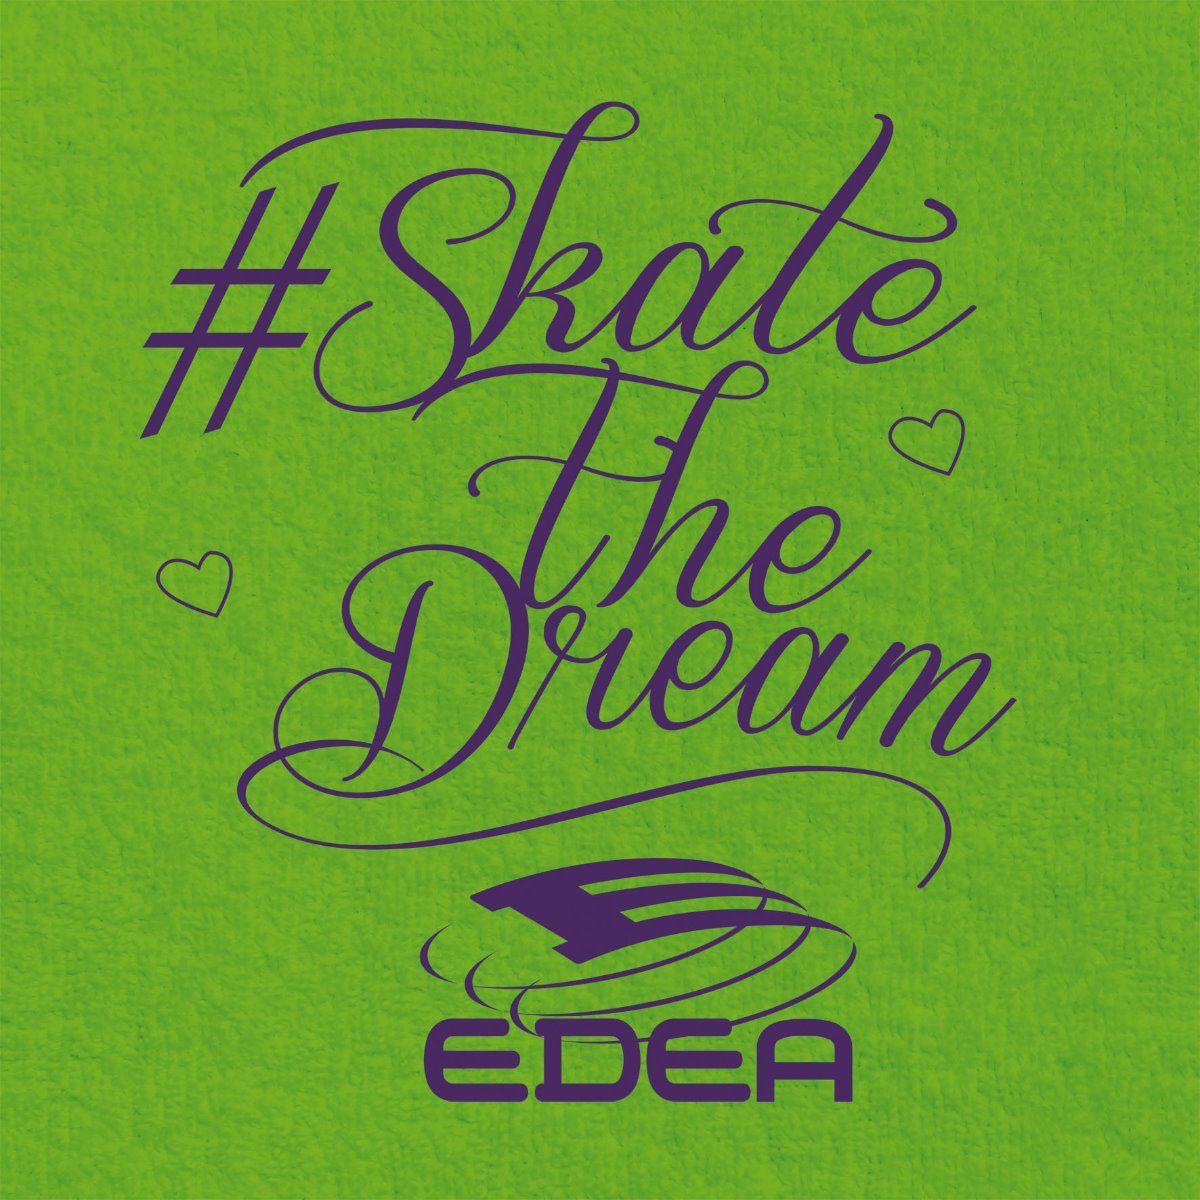 Edea Blade towel